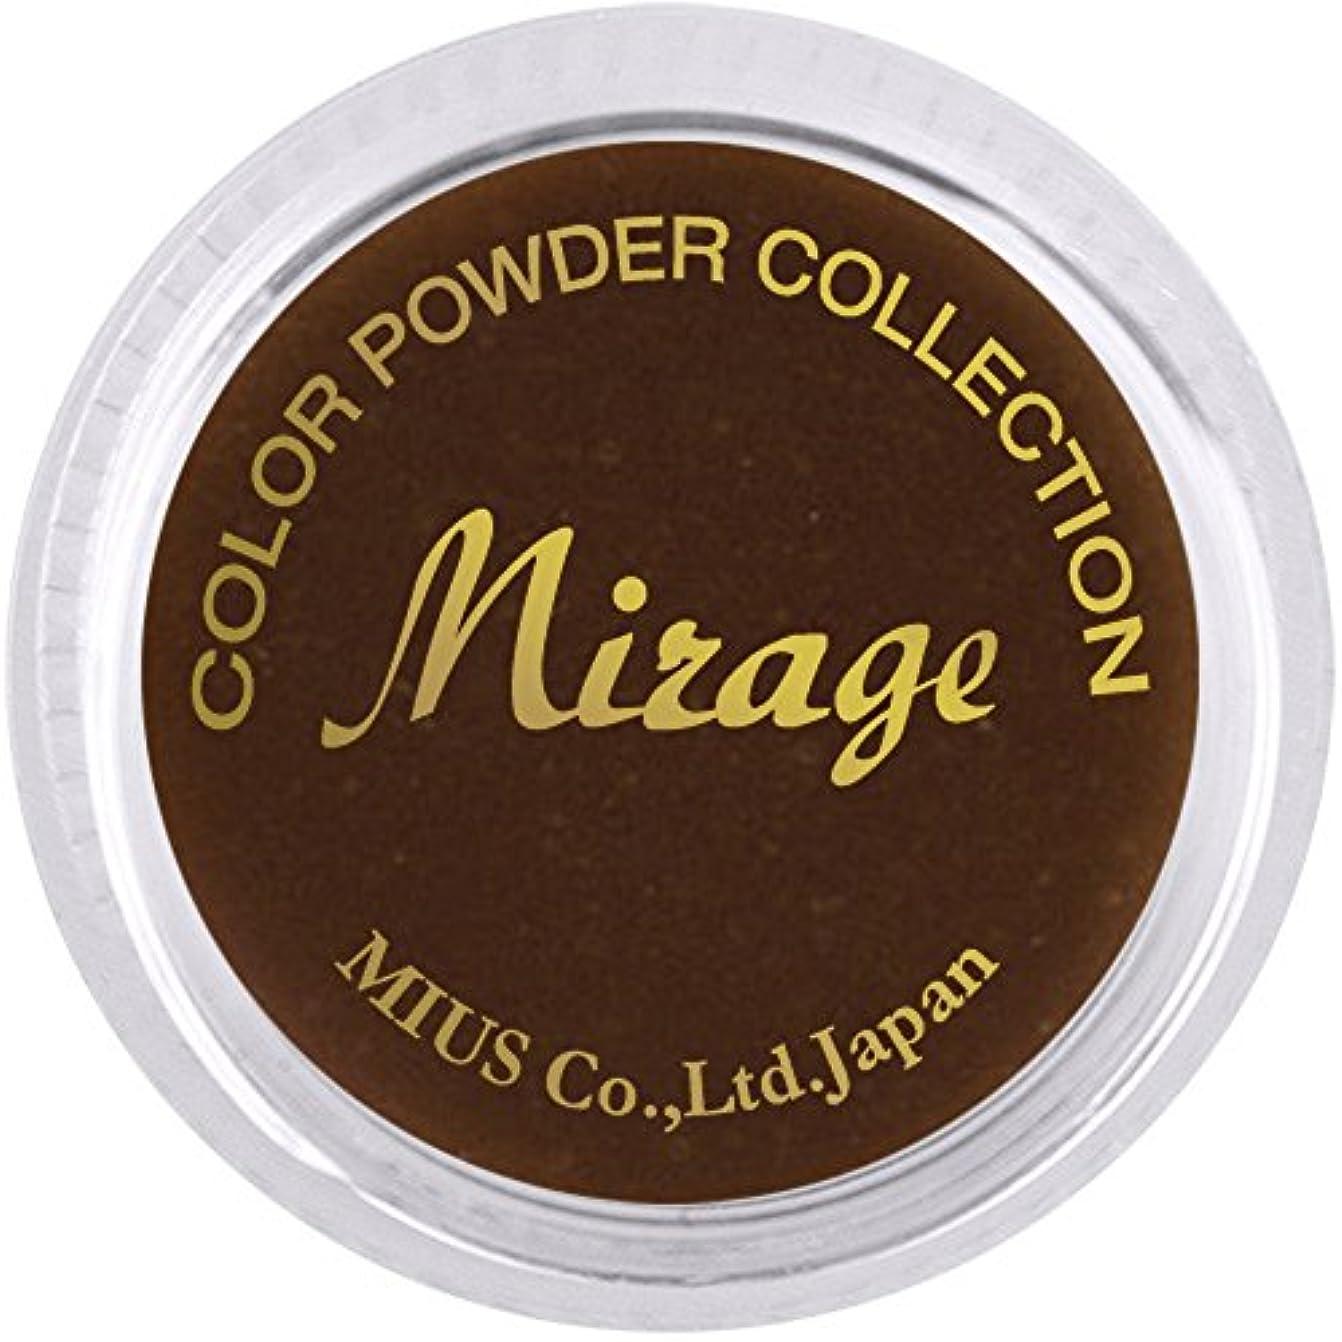 インディカシャツ要求ミラージュ カラーパウダー N/CPN-8  7g  アクリルパウダー バリエーション豊富なナチュラルシリーズ